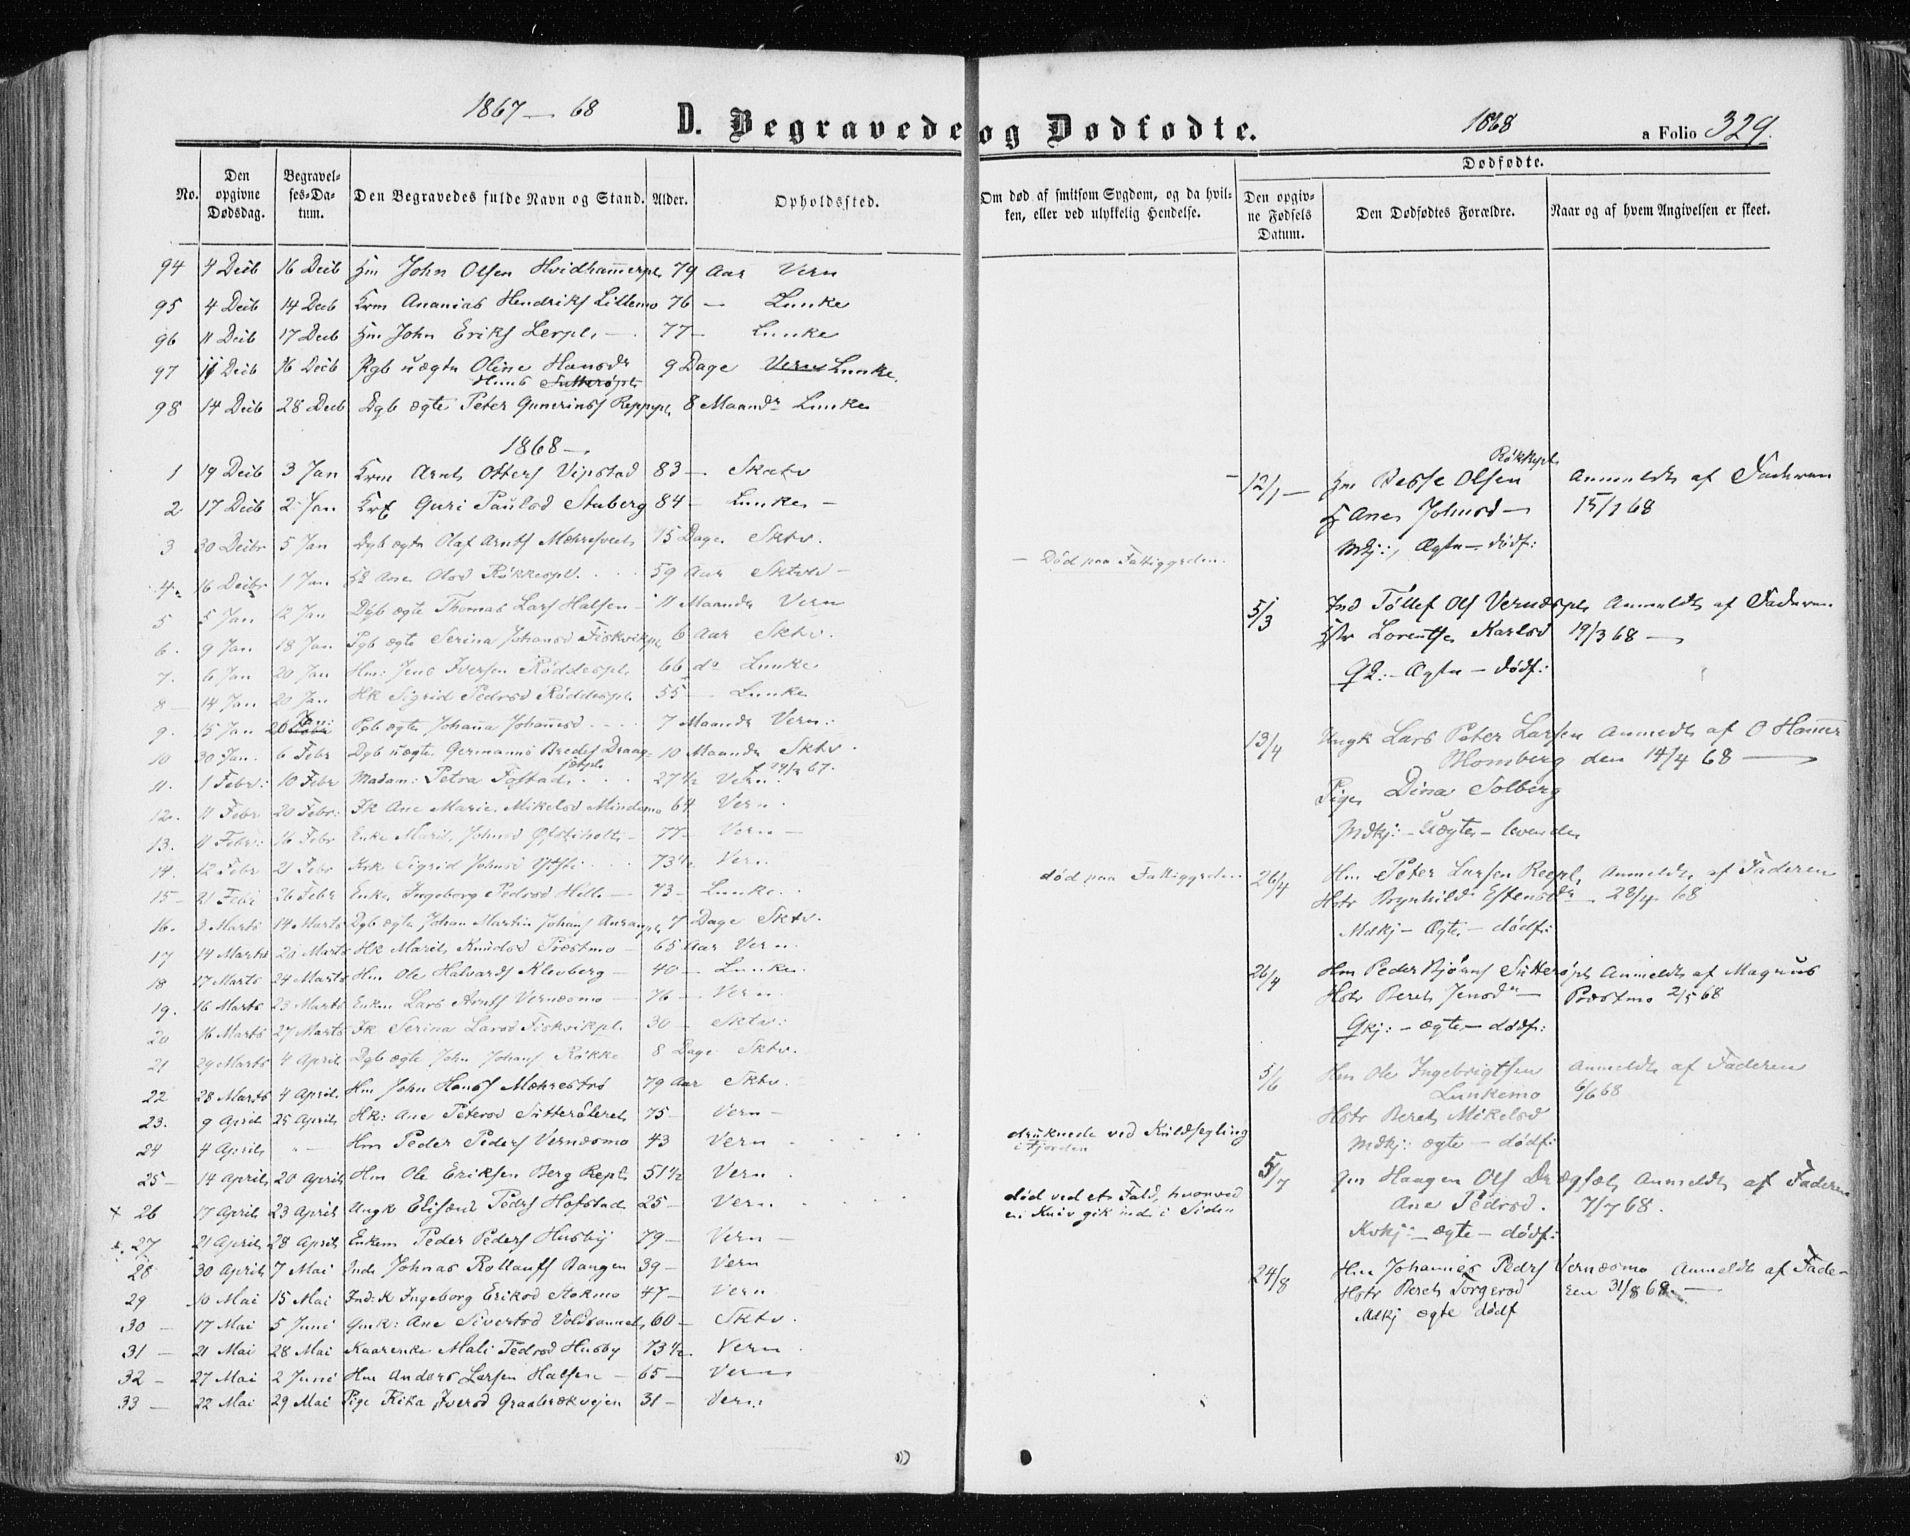 SAT, Ministerialprotokoller, klokkerbøker og fødselsregistre - Nord-Trøndelag, 709/L0075: Ministerialbok nr. 709A15, 1859-1870, s. 329